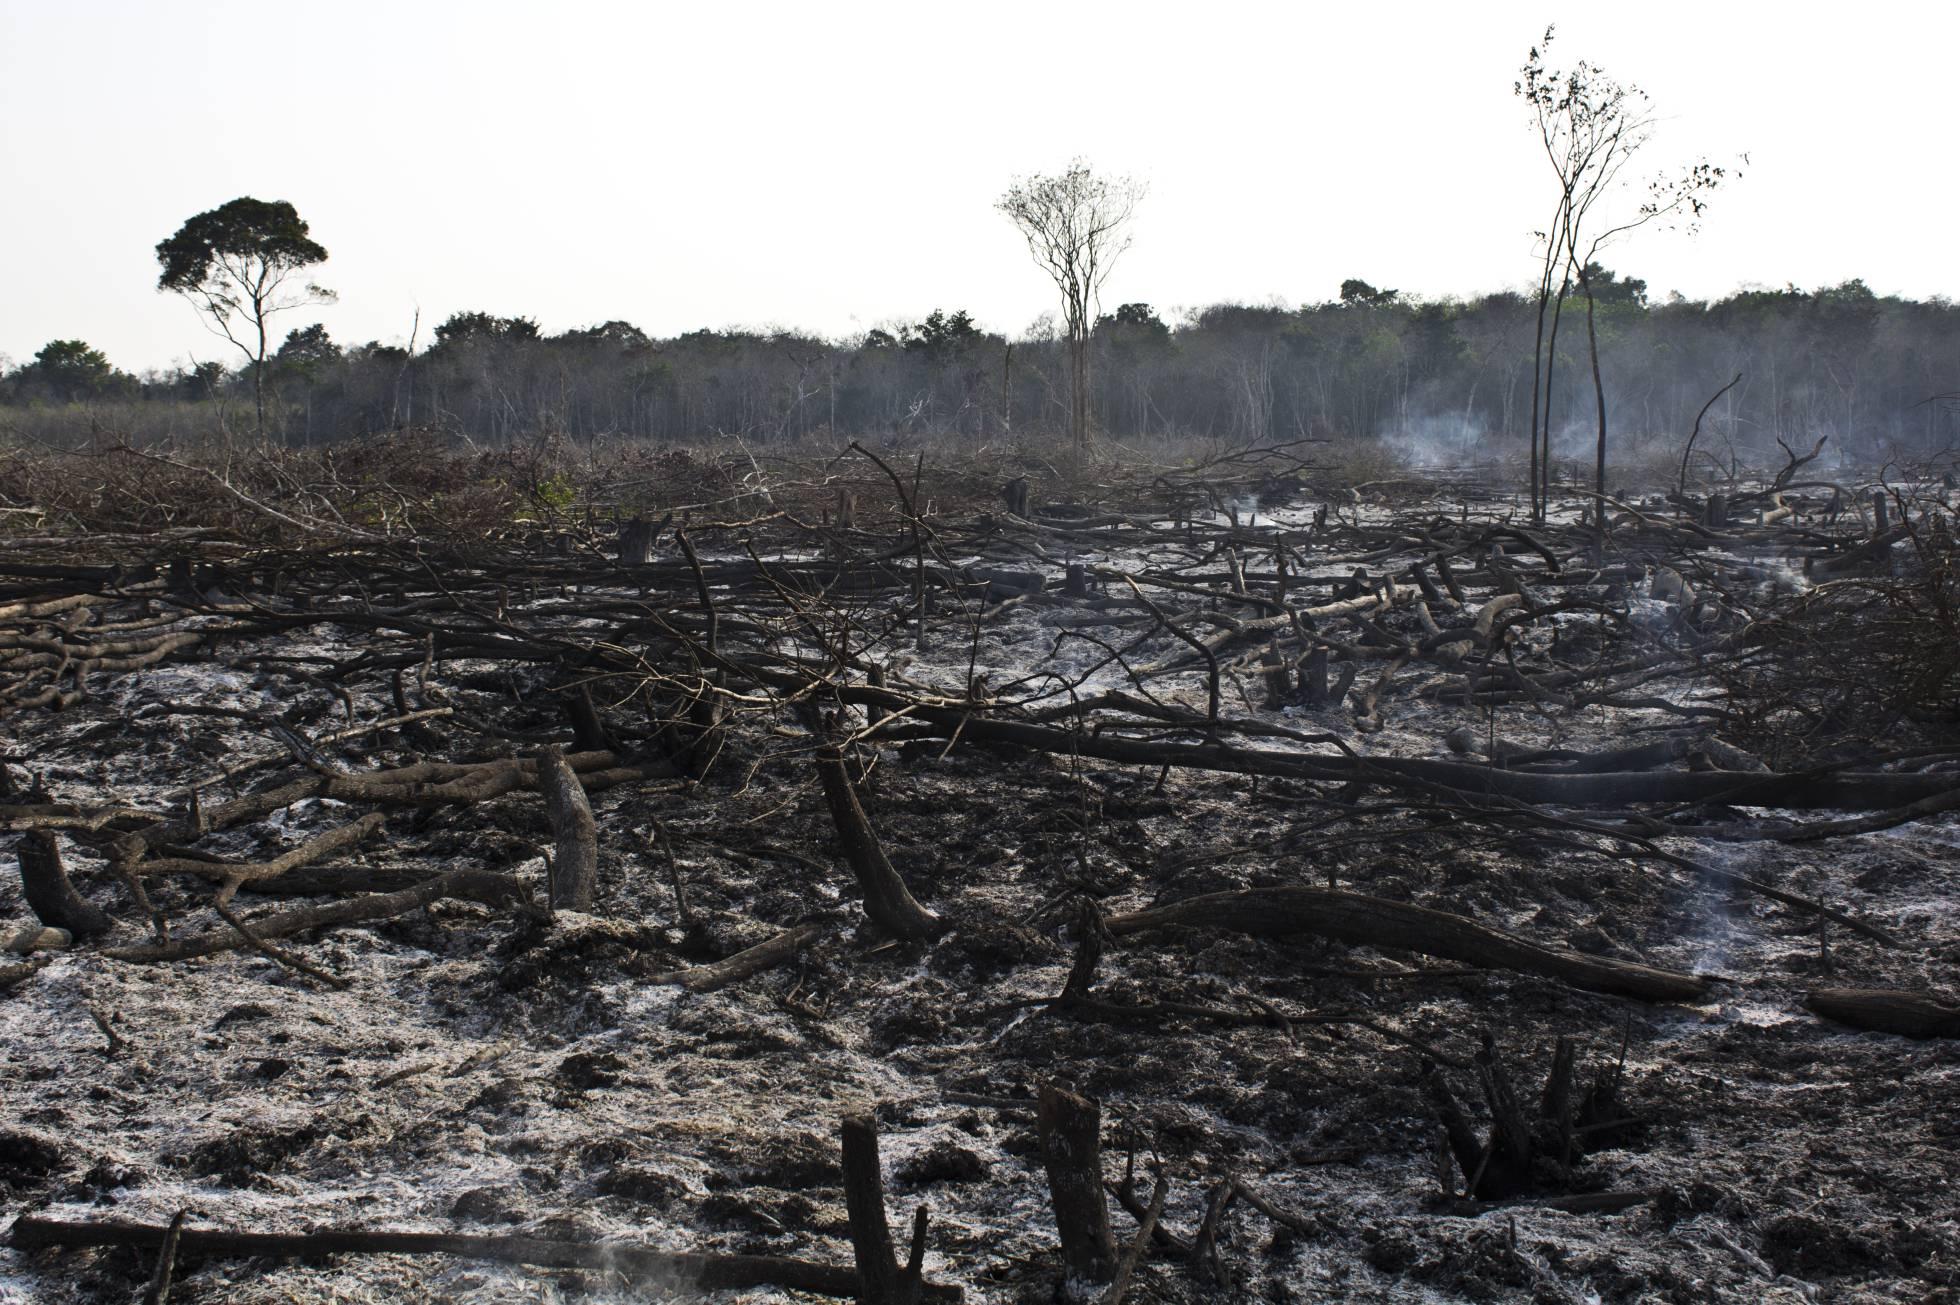 Una zona boscosa deforestada de Yucatán. Eugenio Fernández